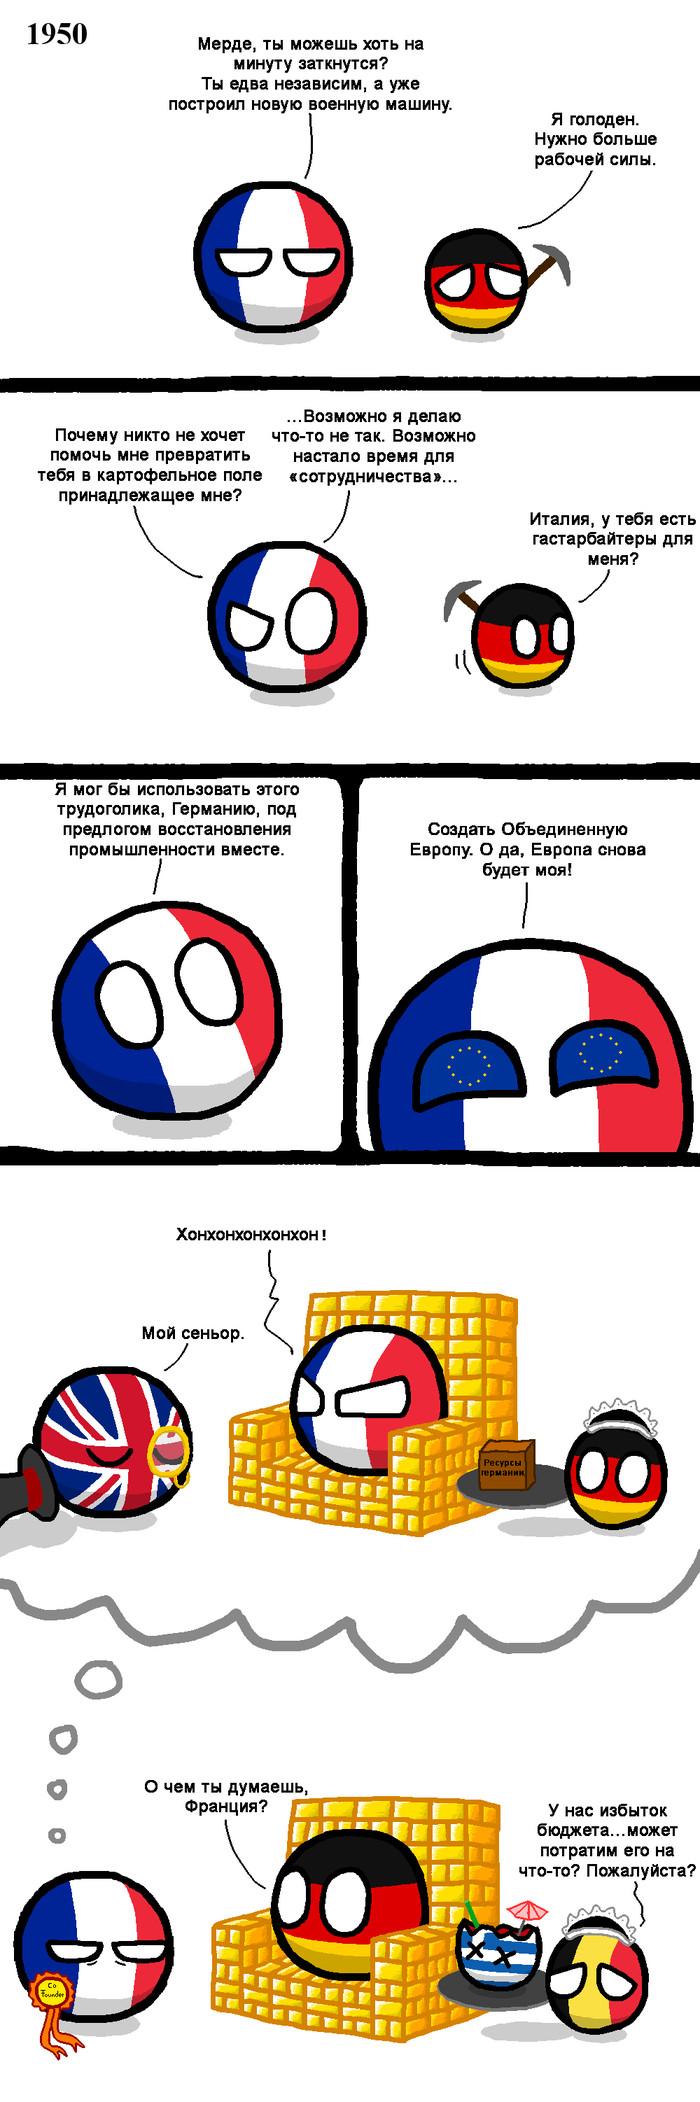 Экономическое чудо